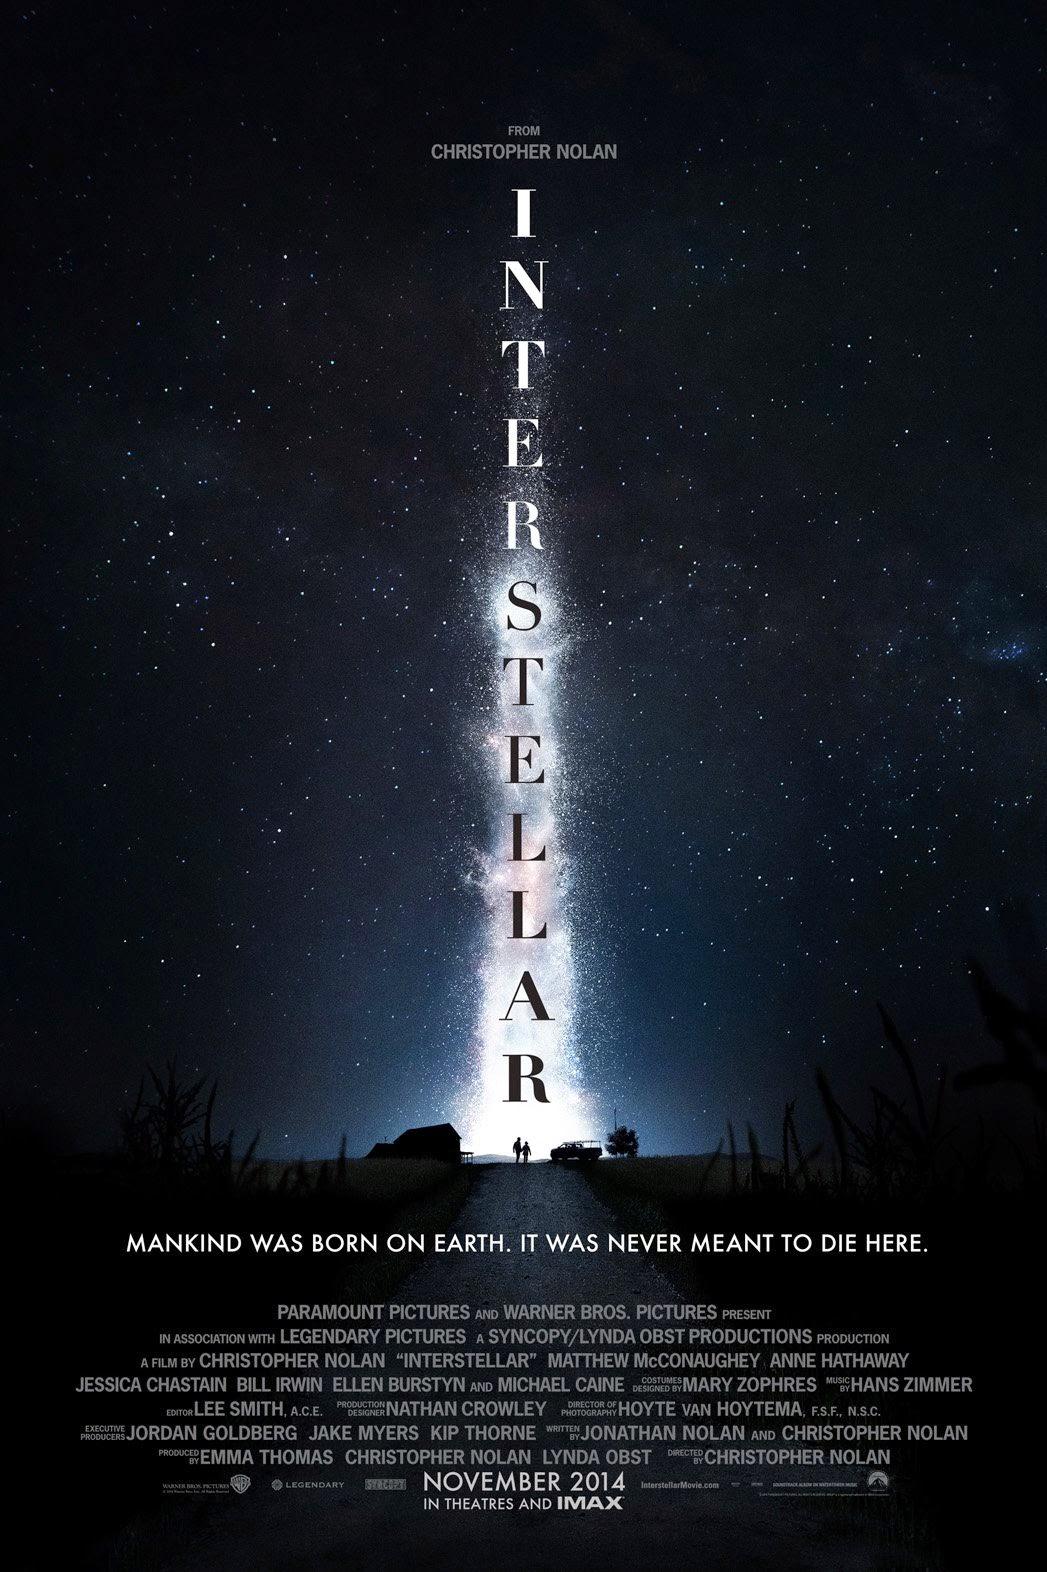 Interstellar - oczekiwania przed premierą filmu